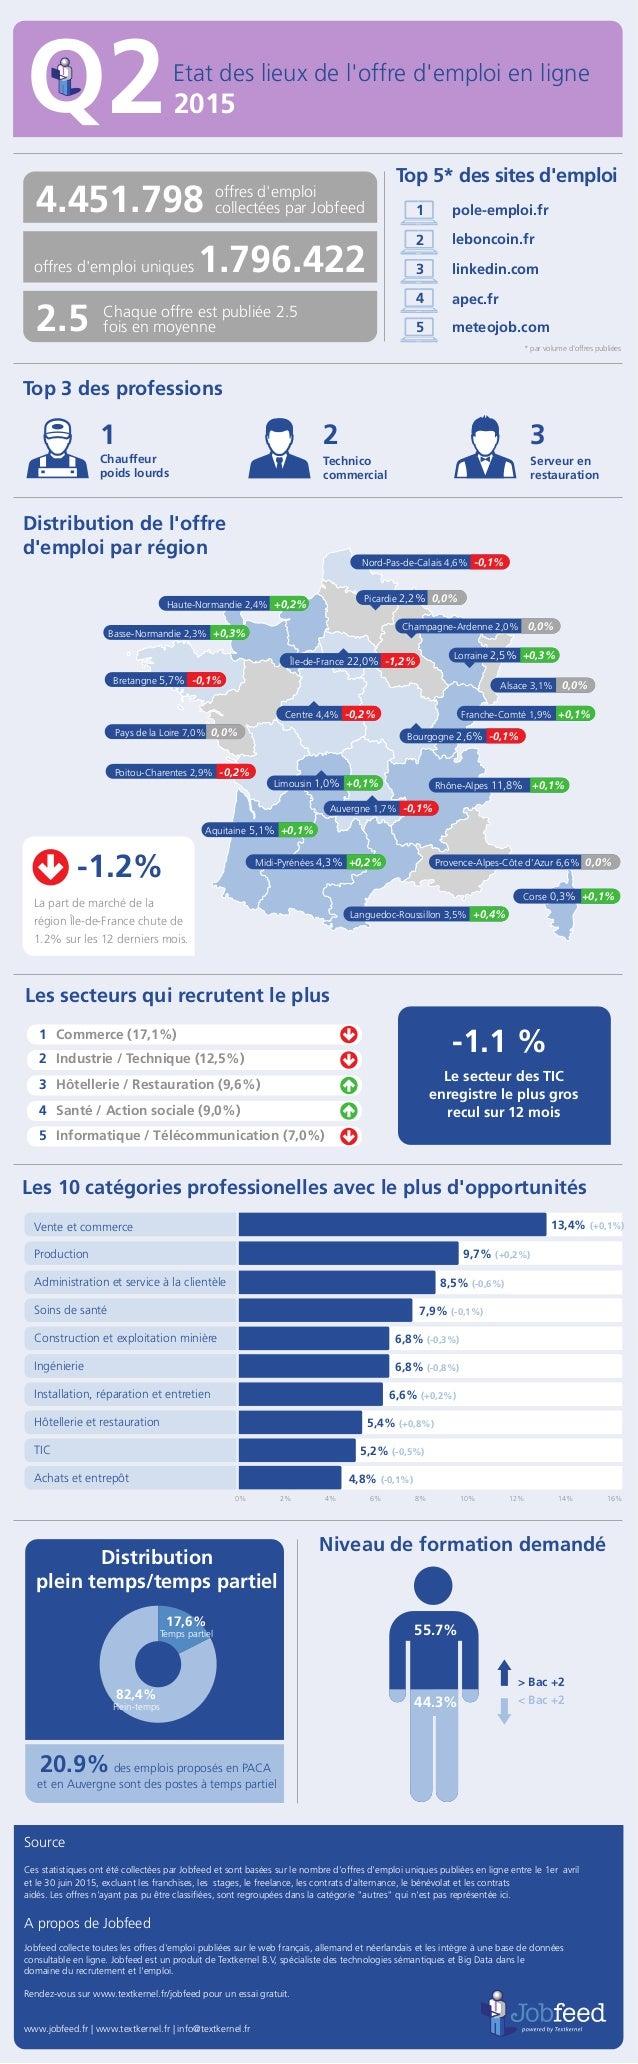 Chauffeur poids lourds Technico commercial Etat des lieux de l'offre d'emploi en ligne 2015 Top 5* des sites d'emploi Top ...